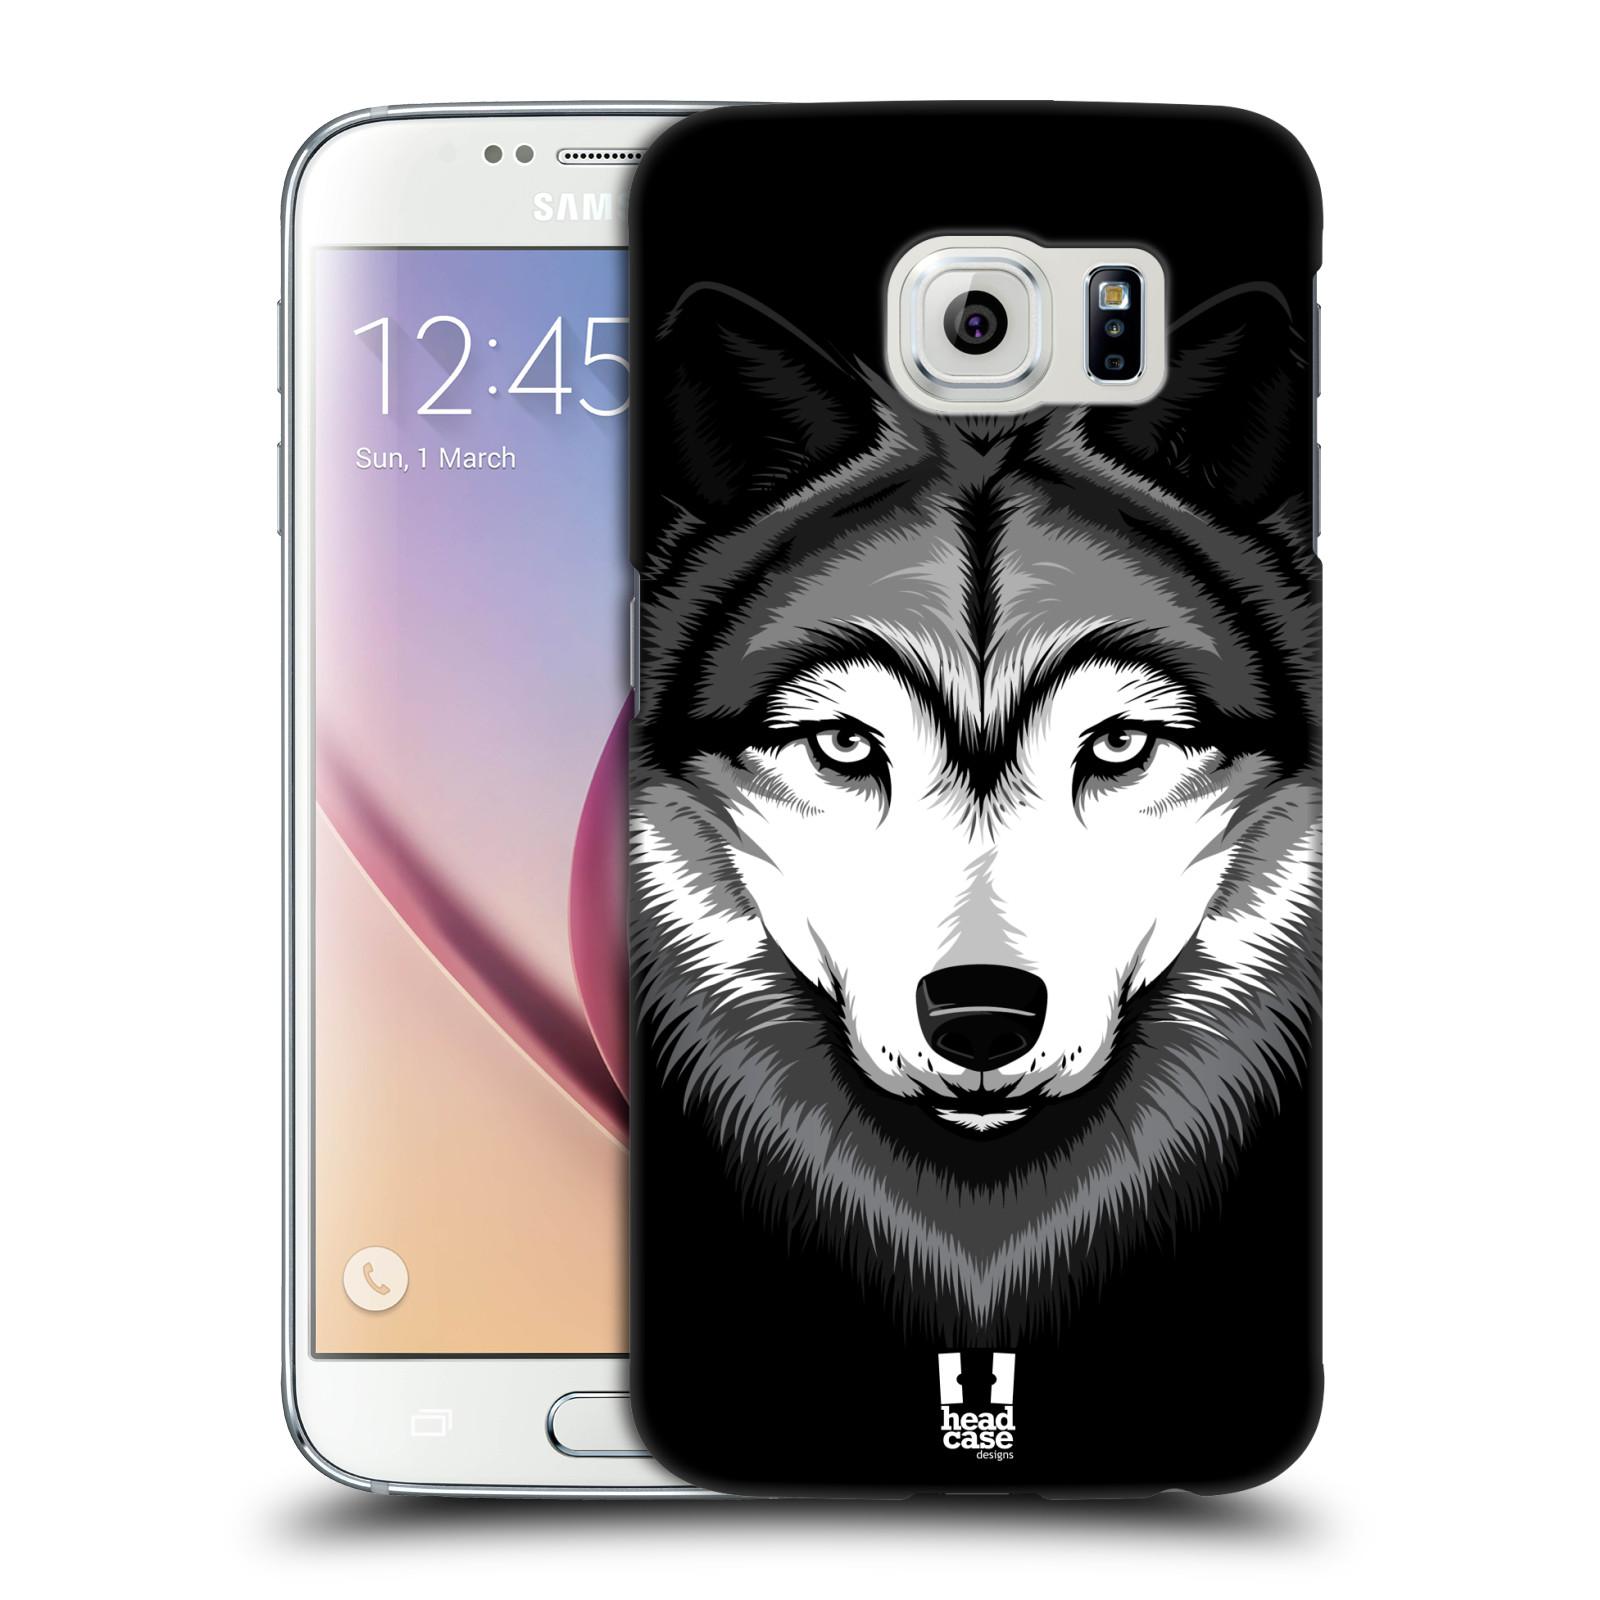 HEAD CASE plastový obal na mobil SAMSUNG Galaxy S6 (G9200, G920F) vzor Zvíře kreslená tvář 2 vlk